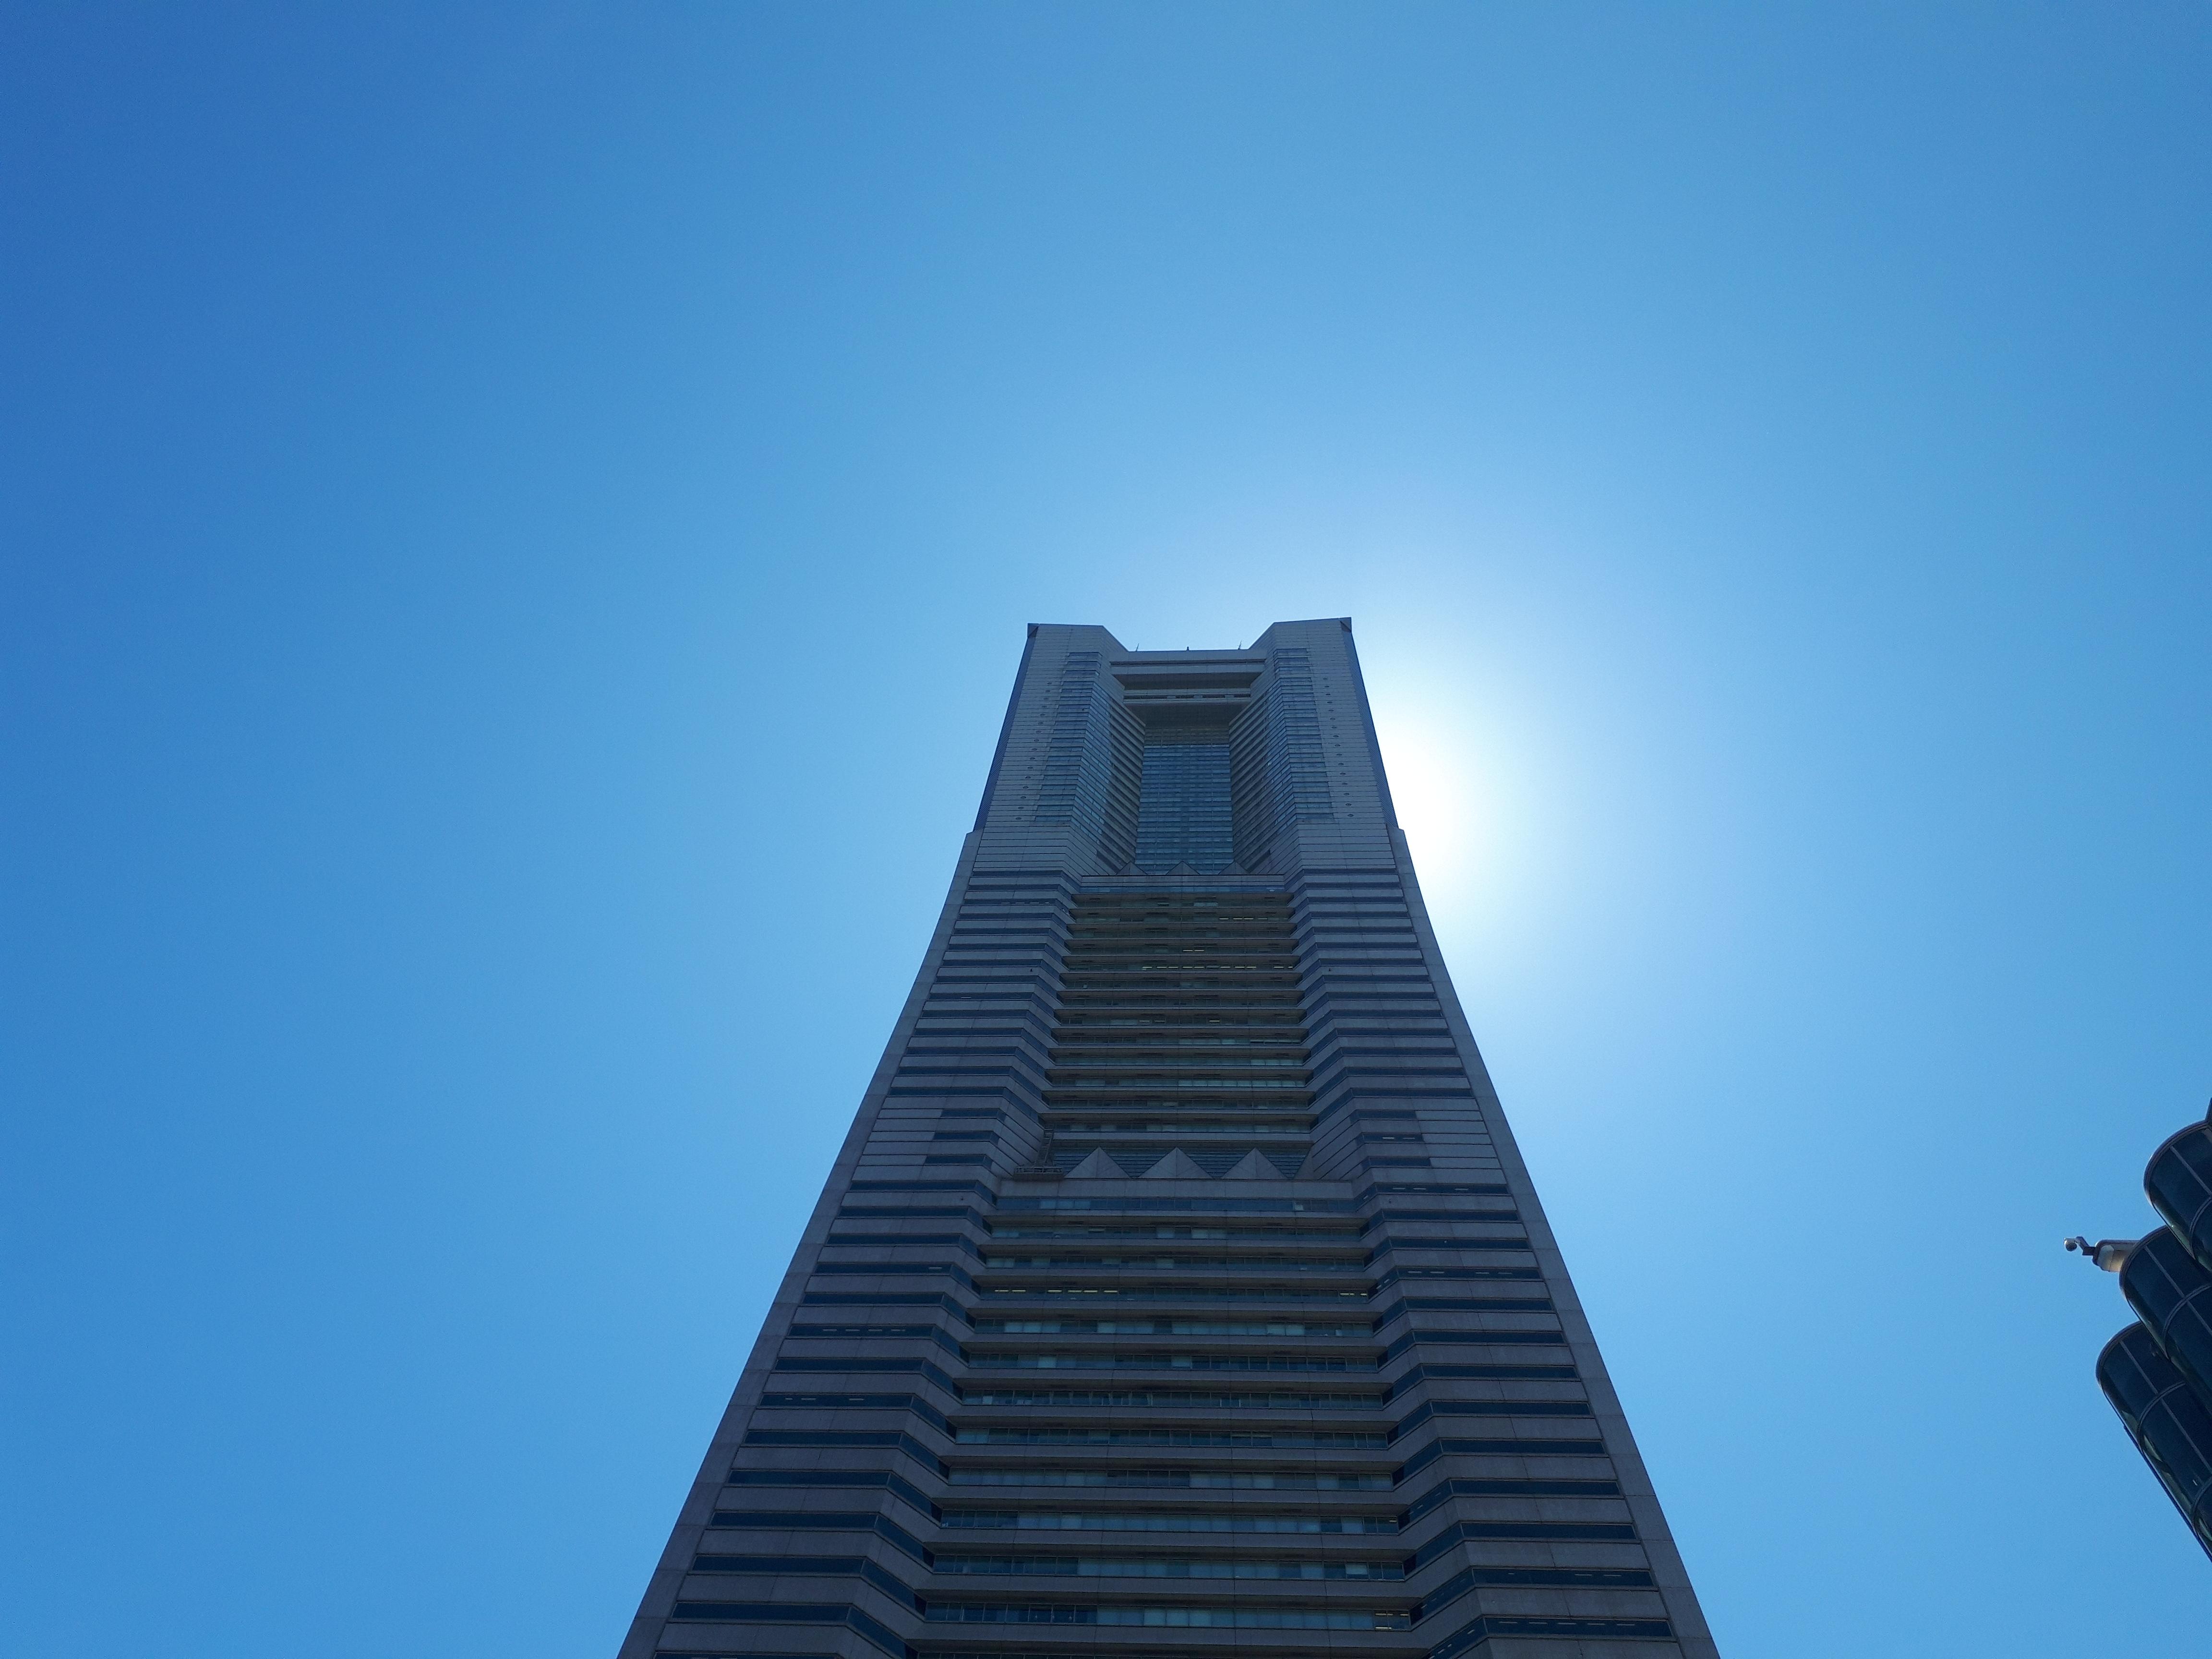 【お散歩】ランドマークタワー登ったの、高校生の時以来2度目だわ。